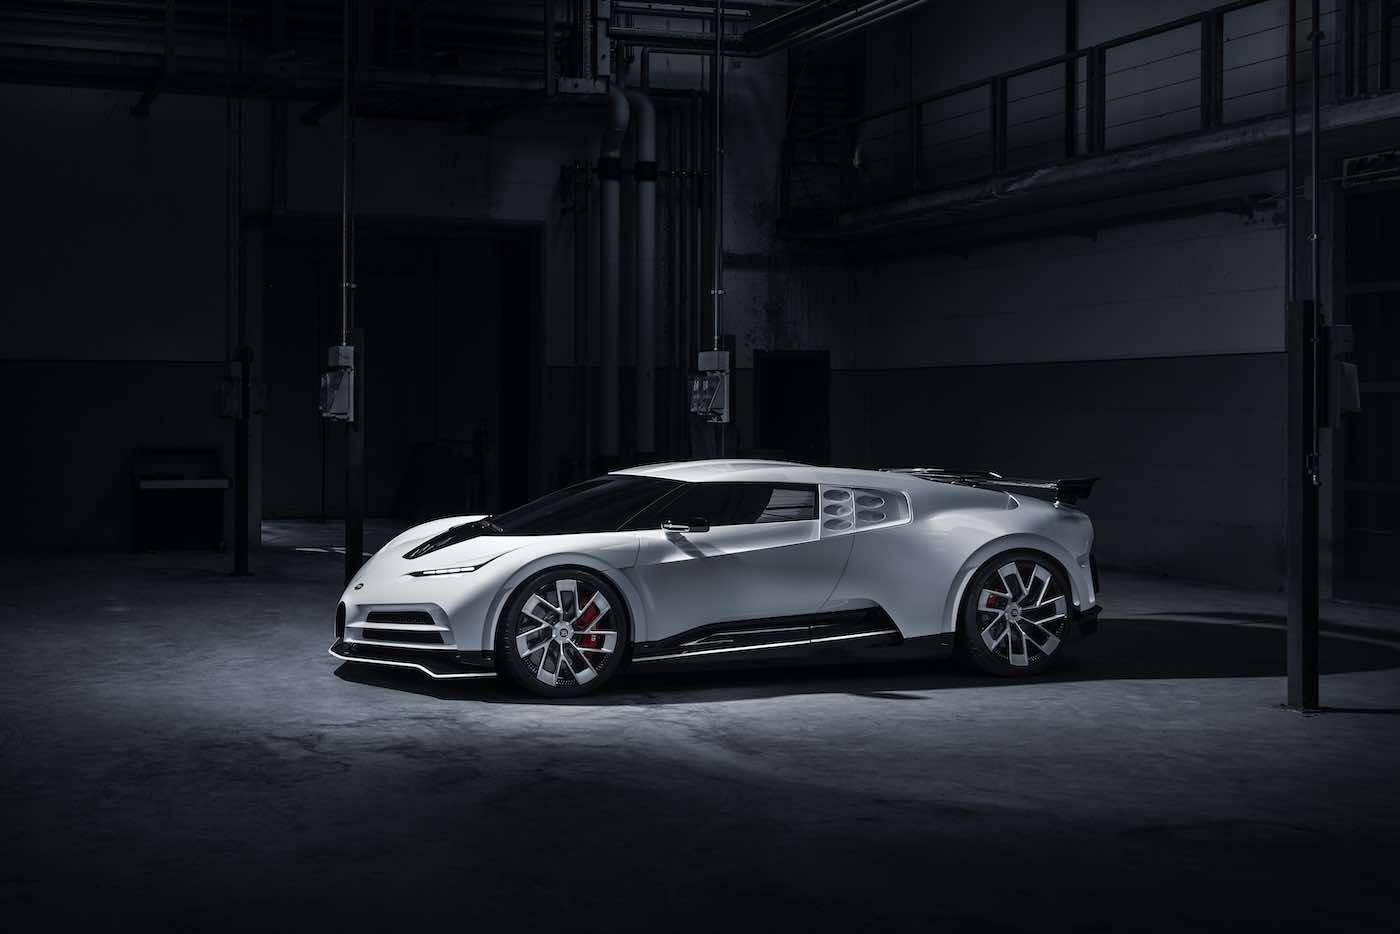 Bugatti revela su superdeportivo más potente hasta la fecha: El Centodieci de 10 millones de dólares